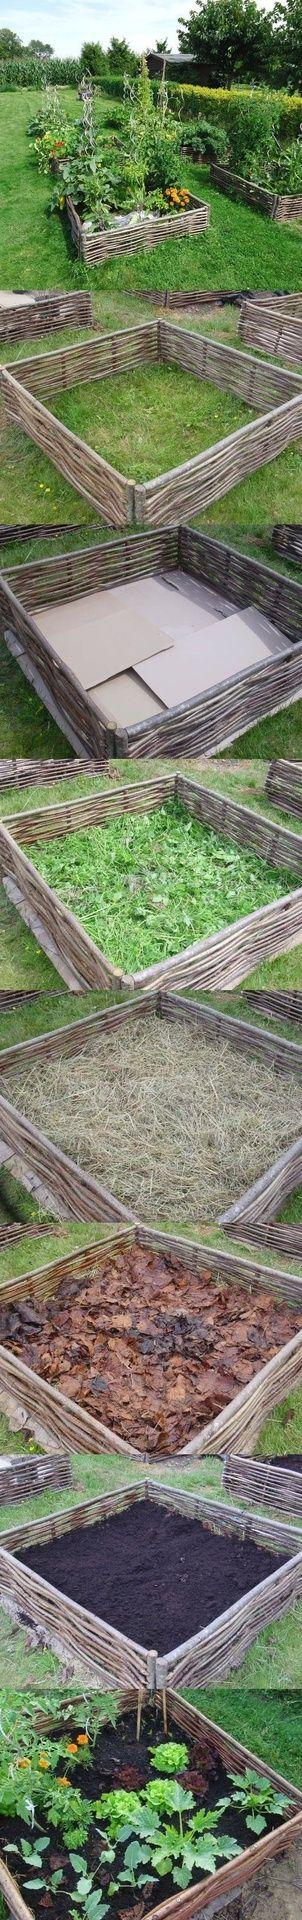 building lasagna raised bed garden